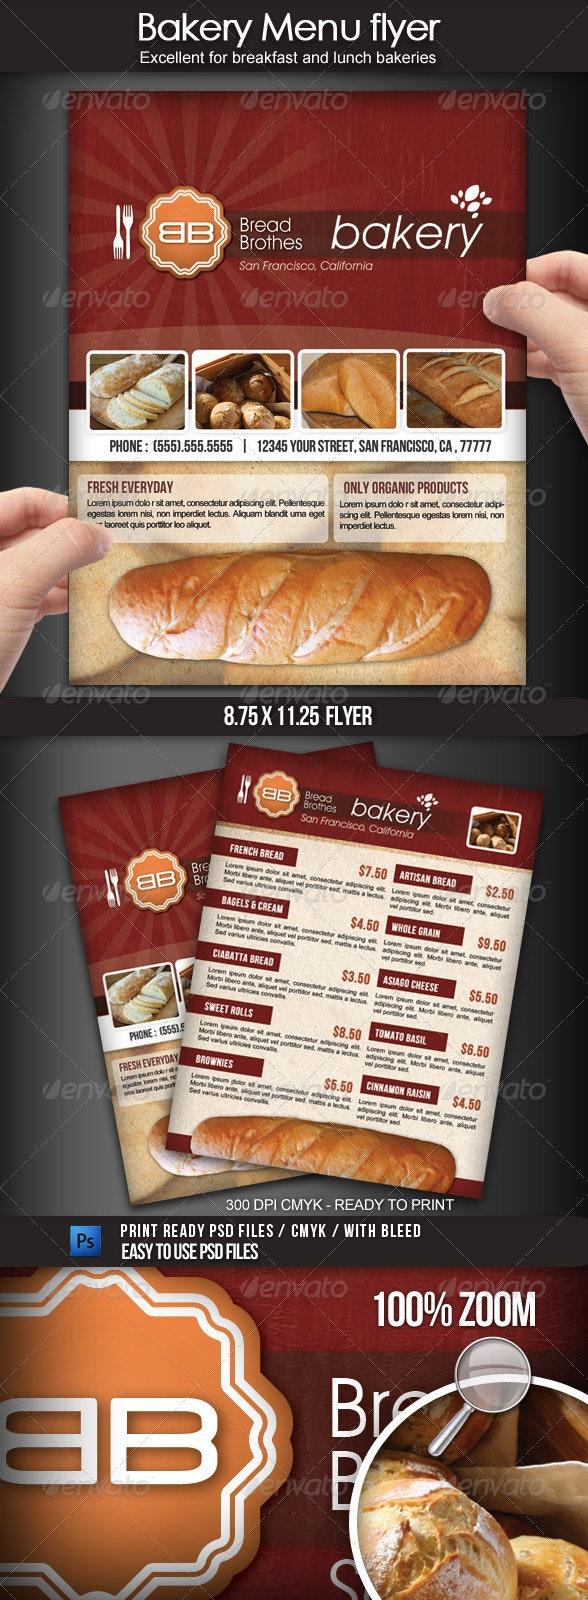 Bakery Menu Flyer - Flyers Print Templates